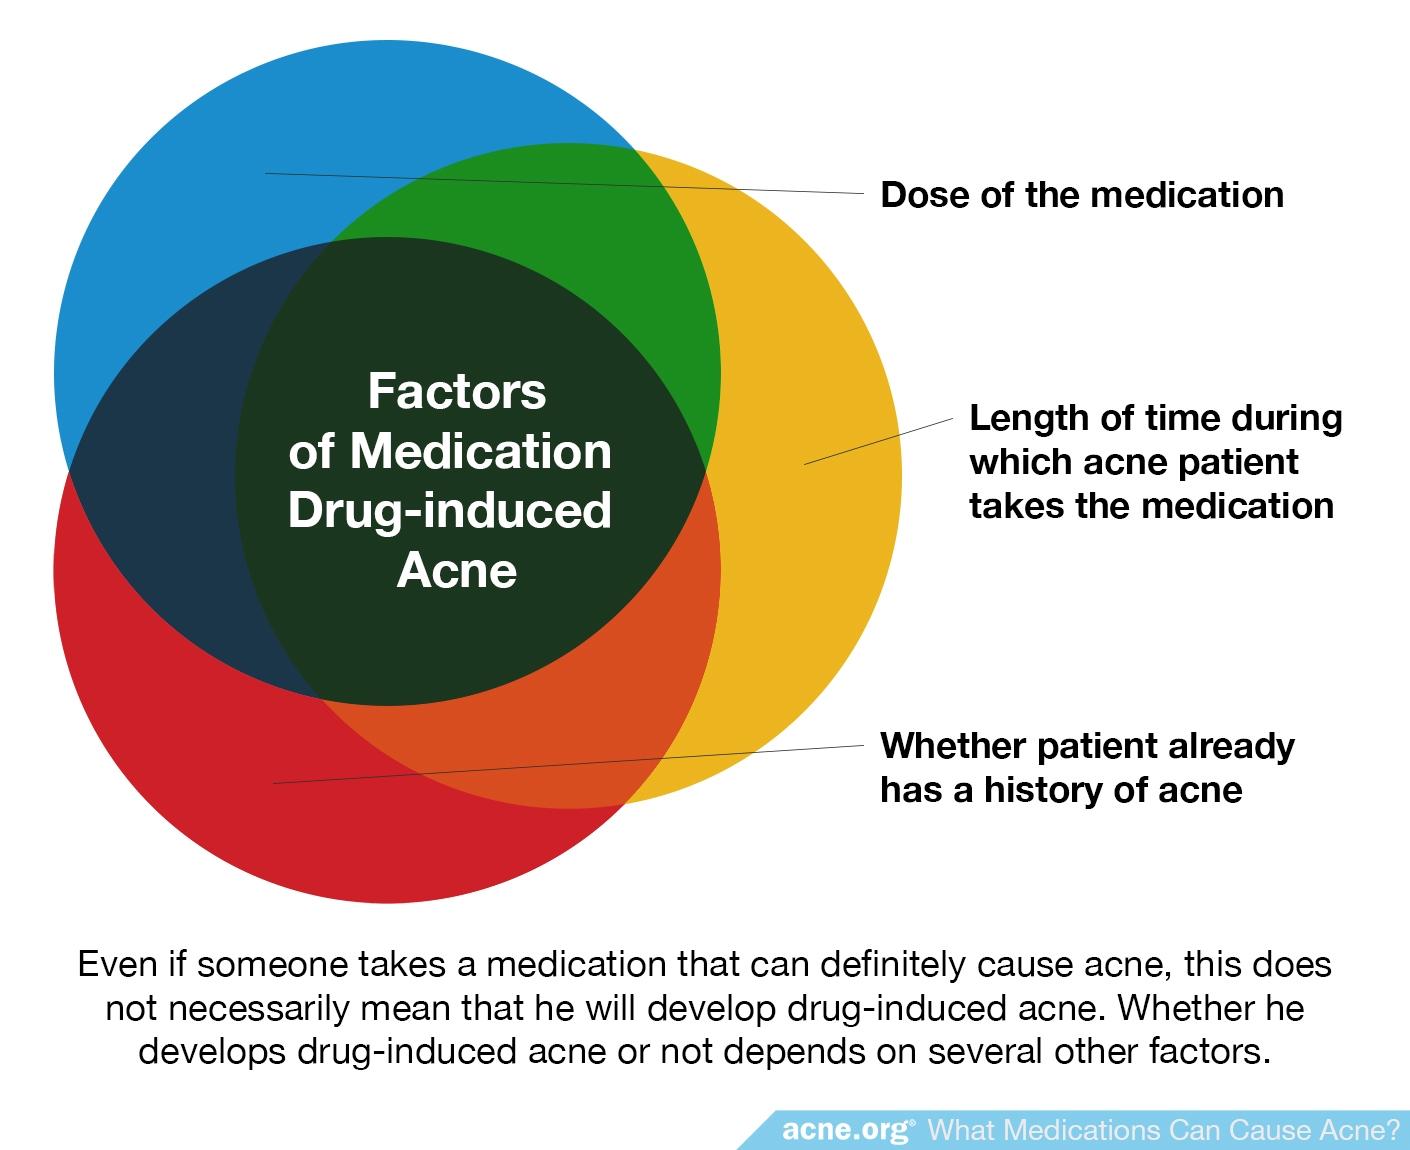 Factors of Medication Drug-induced Acne